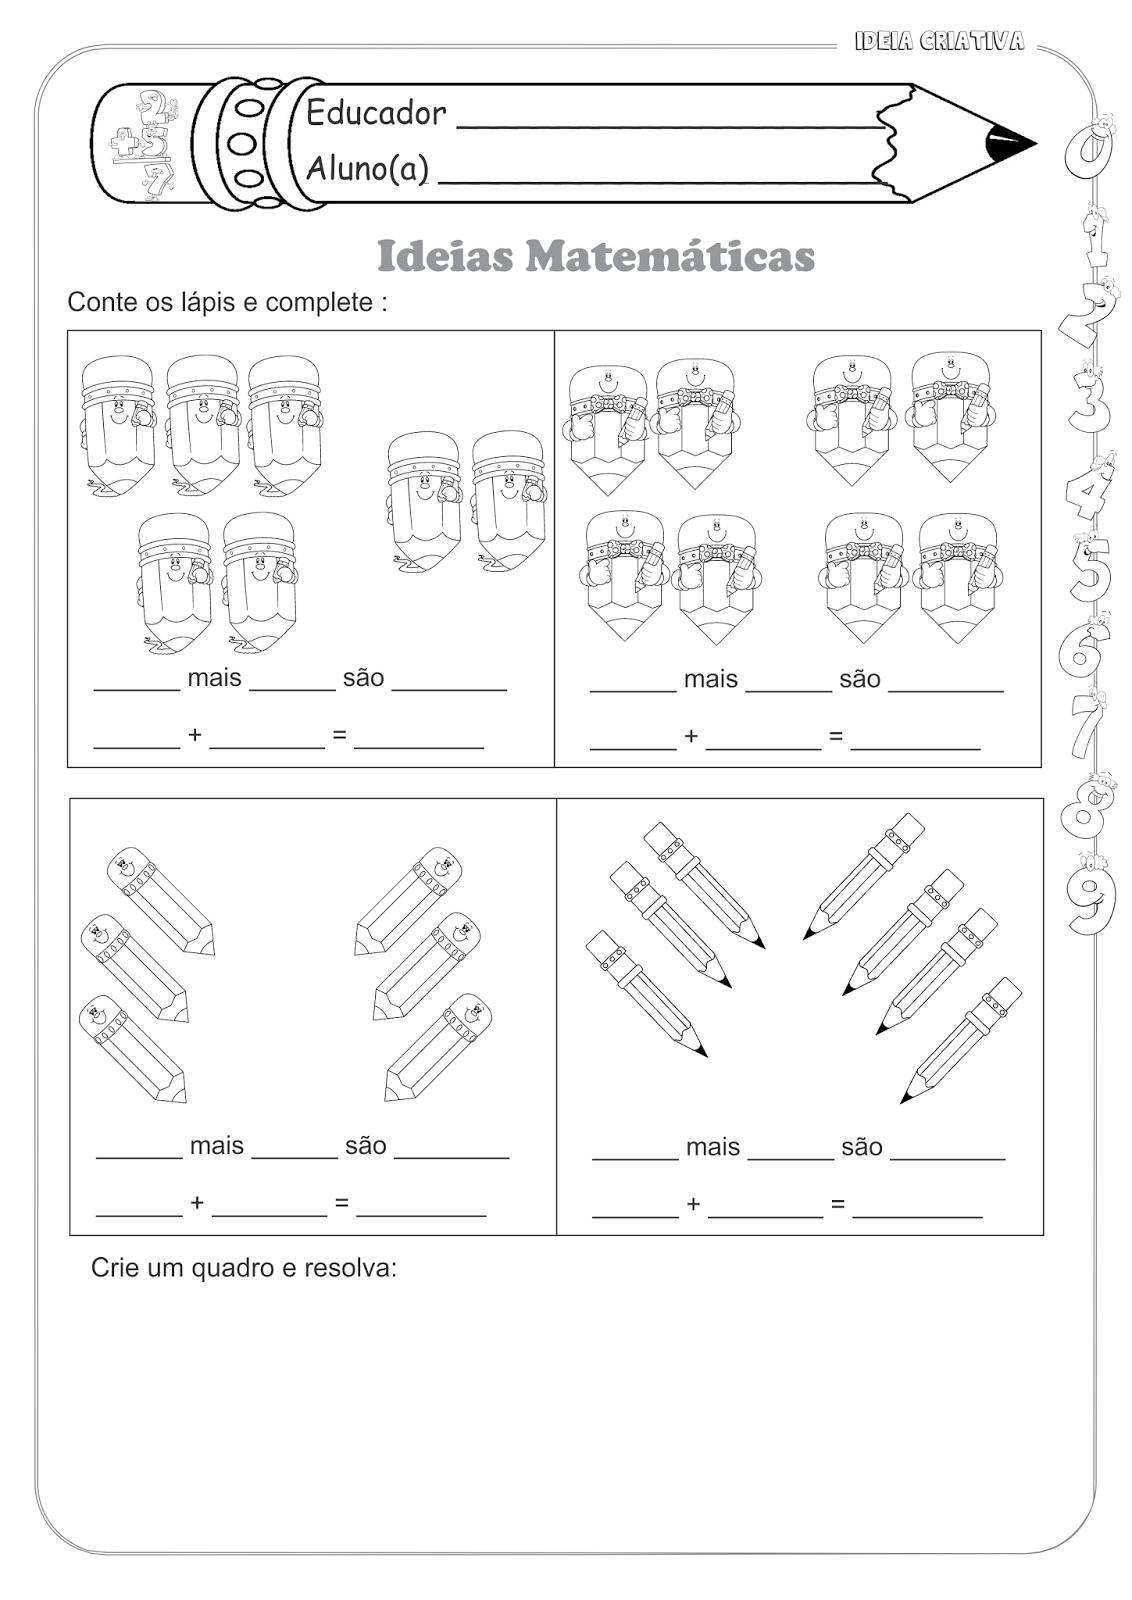 Conhecido Atividades Educativas Matemática Operações Básicas (Adição) para  AA64